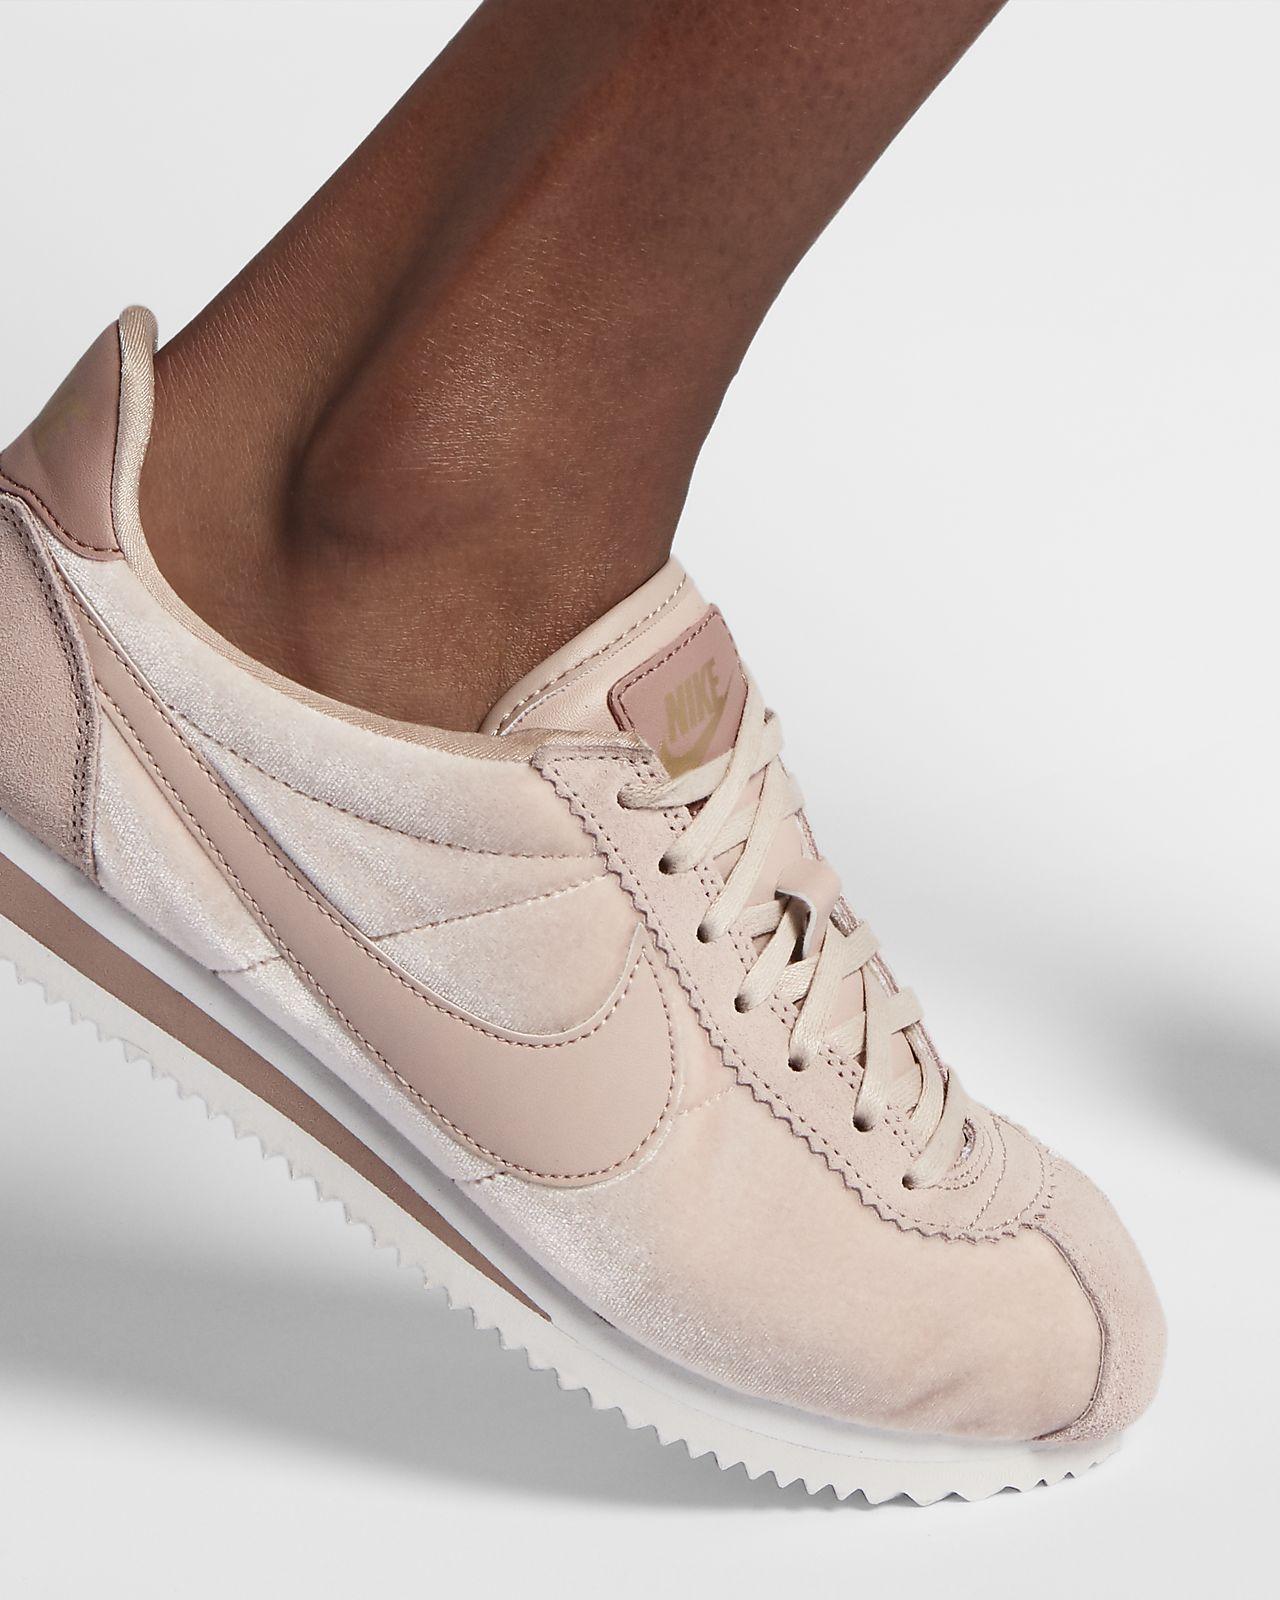 official photos 3555e 2f0c1 Nike Cortez SE Women s Shoe